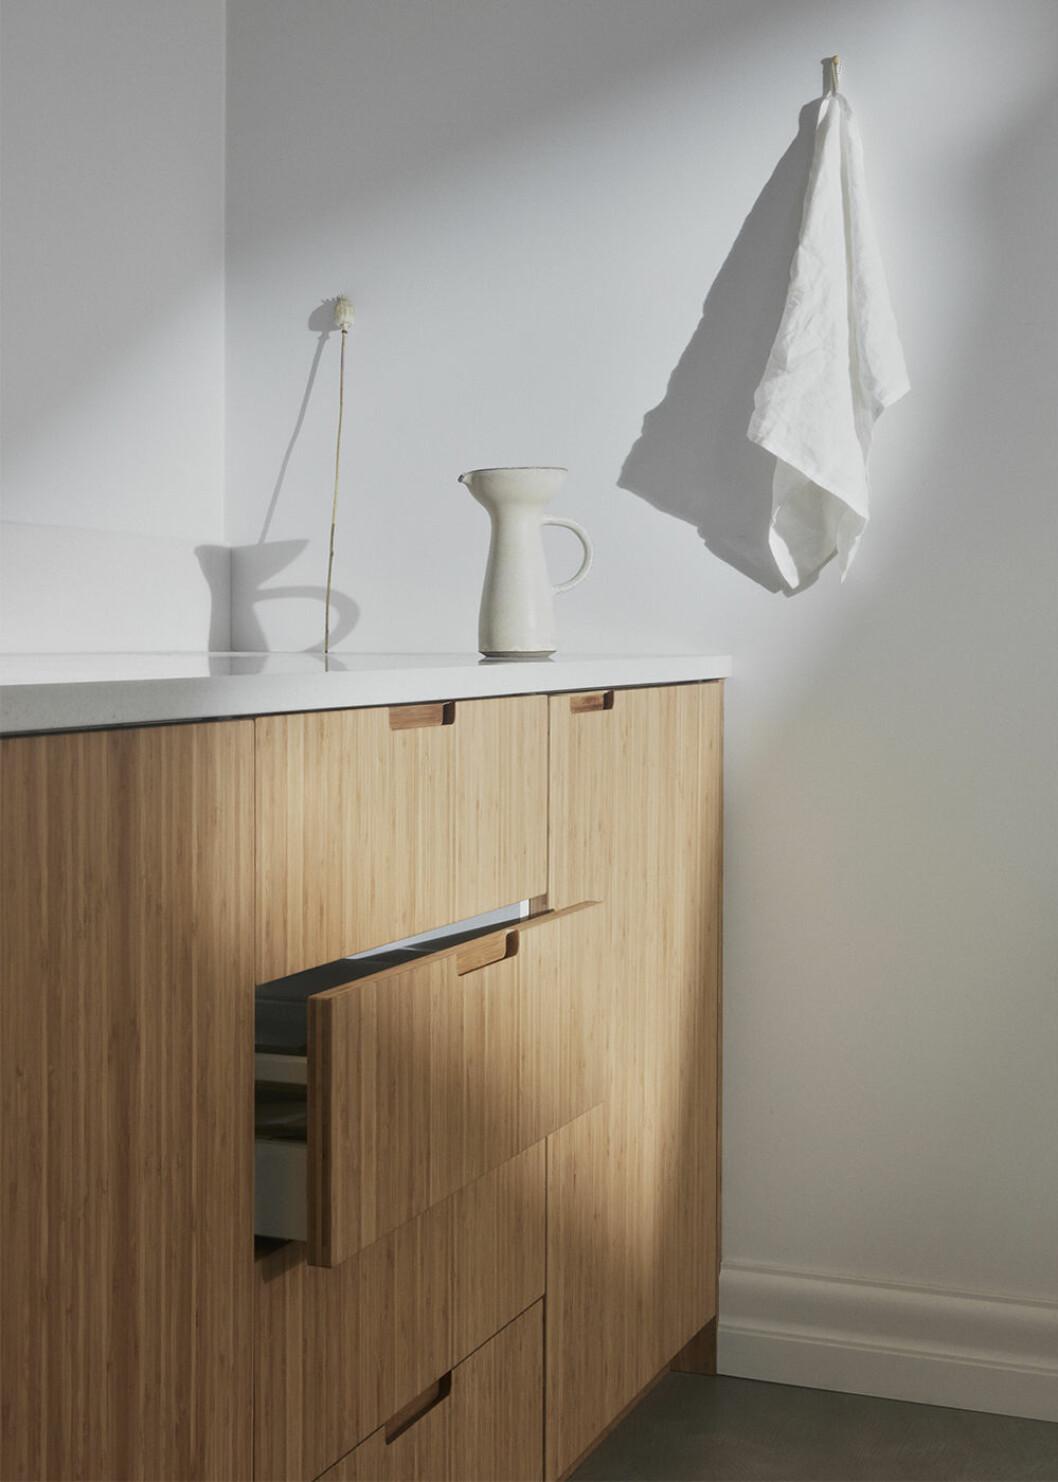 Ljusa bambuluckor till Ikea-kök från Ask og Eng